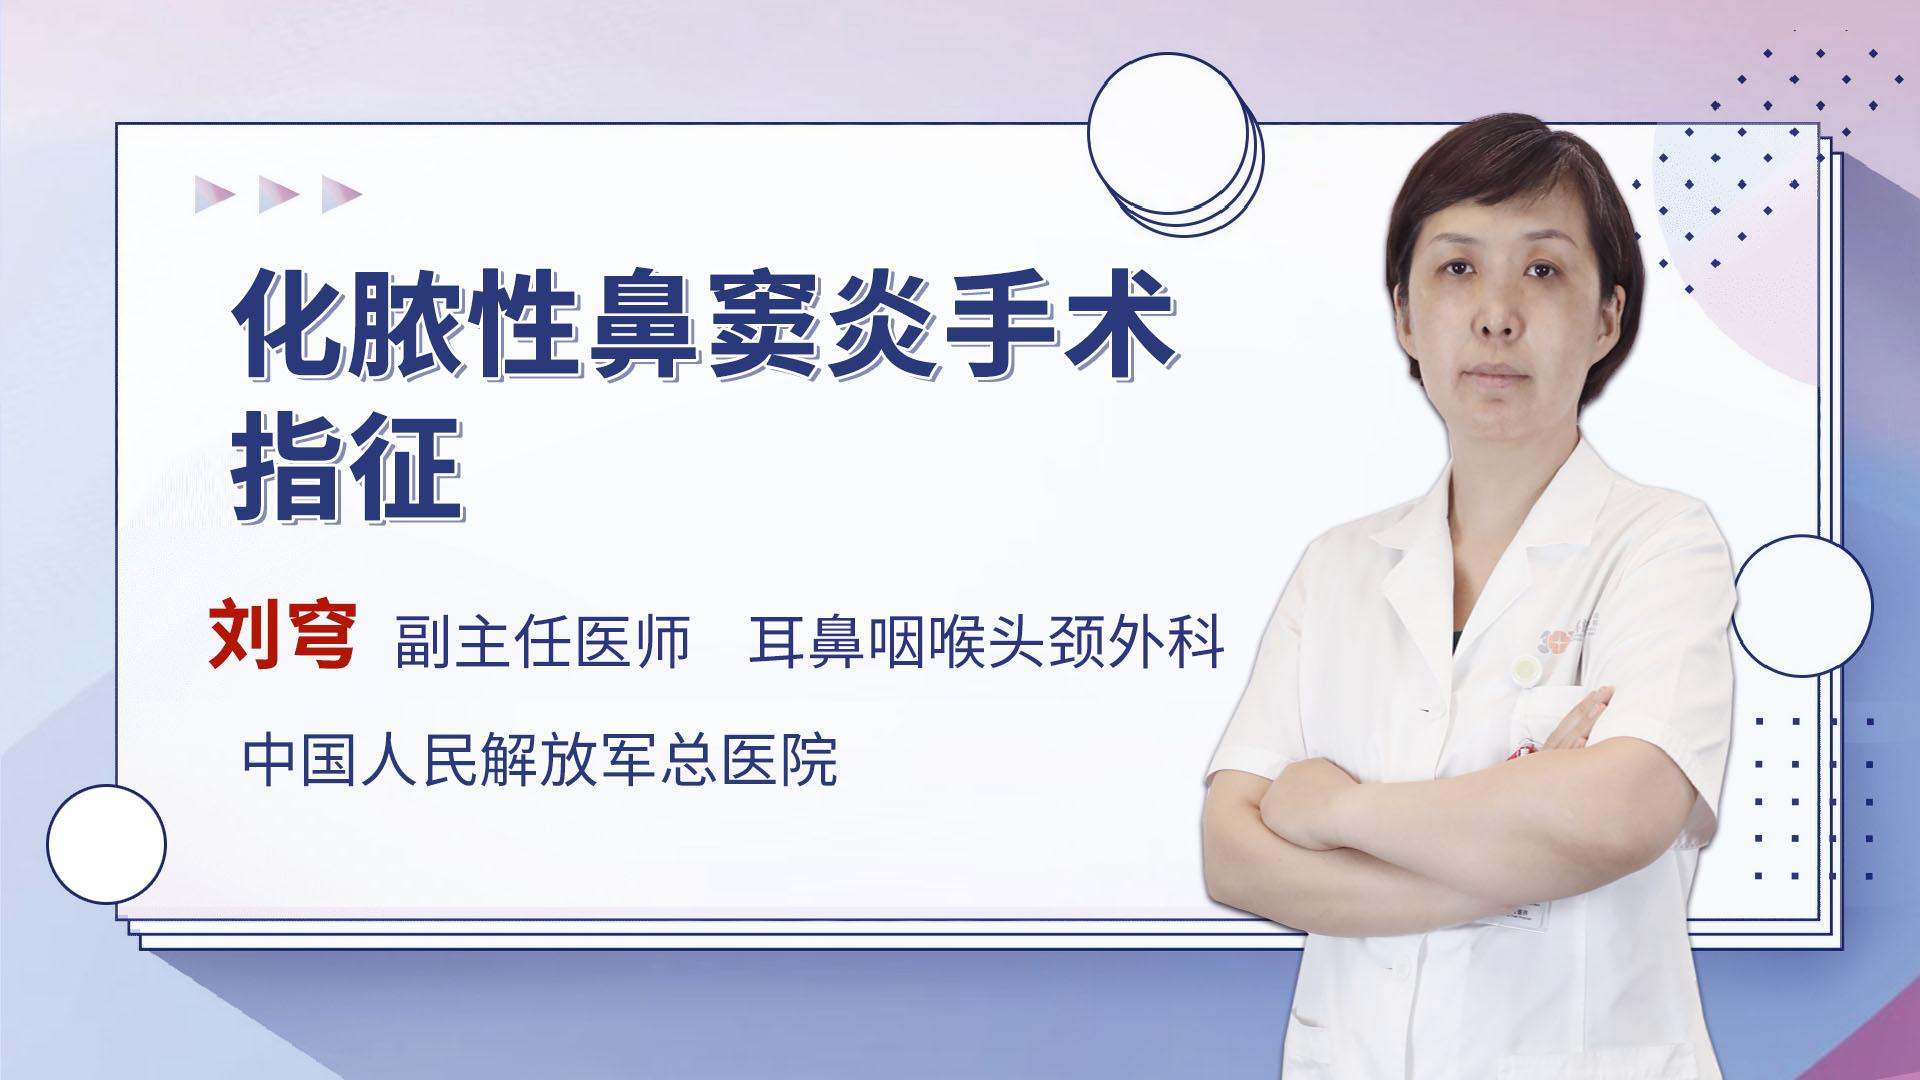 炎 副 費用 鼻腔 手術